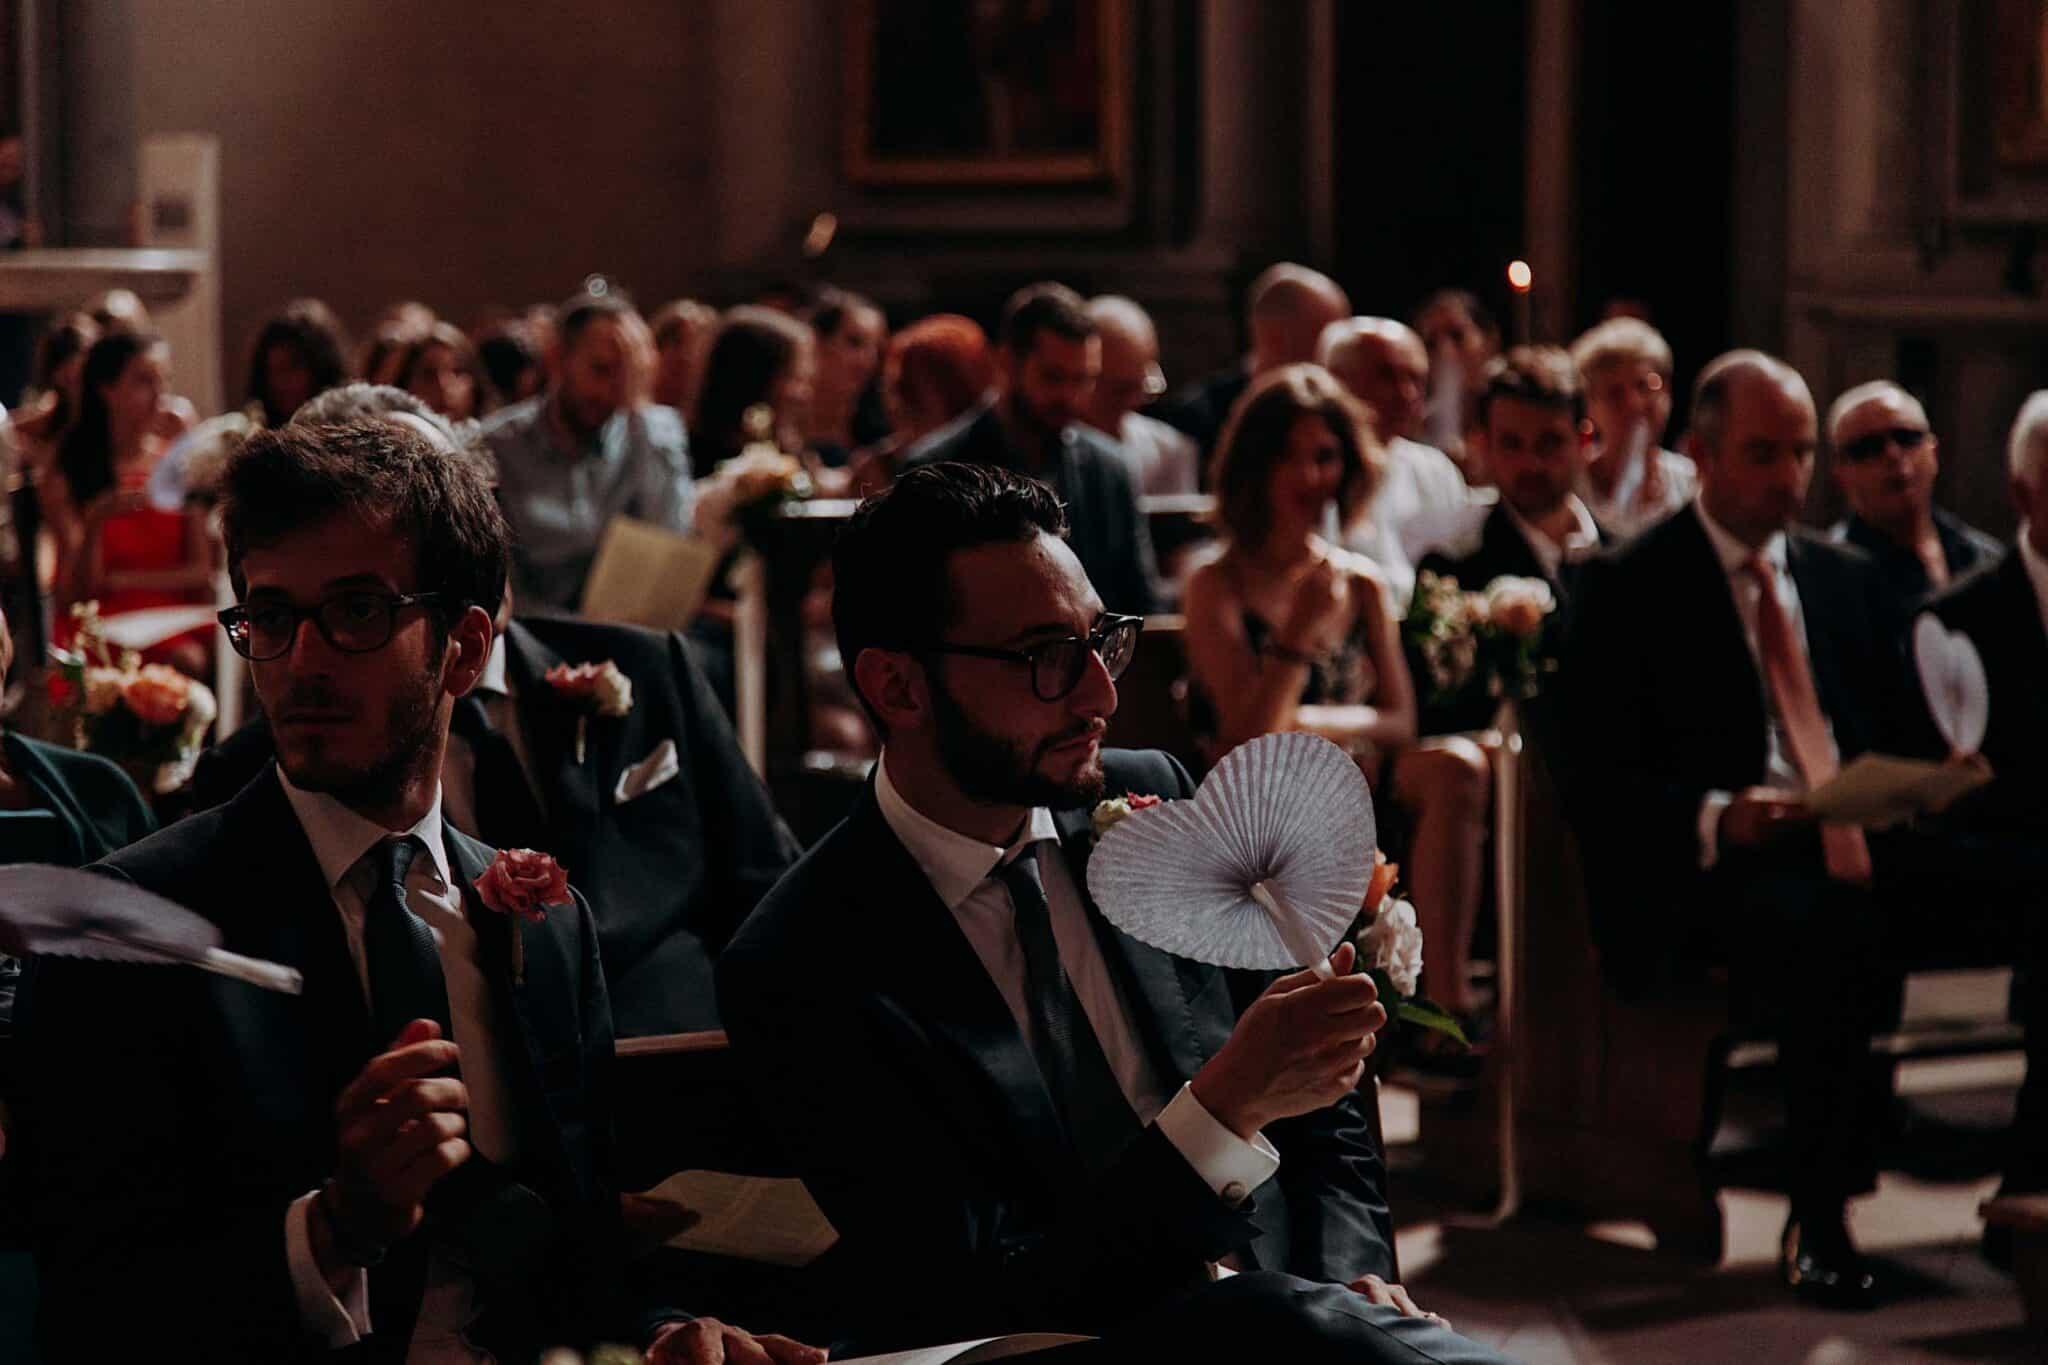 invitati nella chiesa di San Niccolò Sopr'Arno